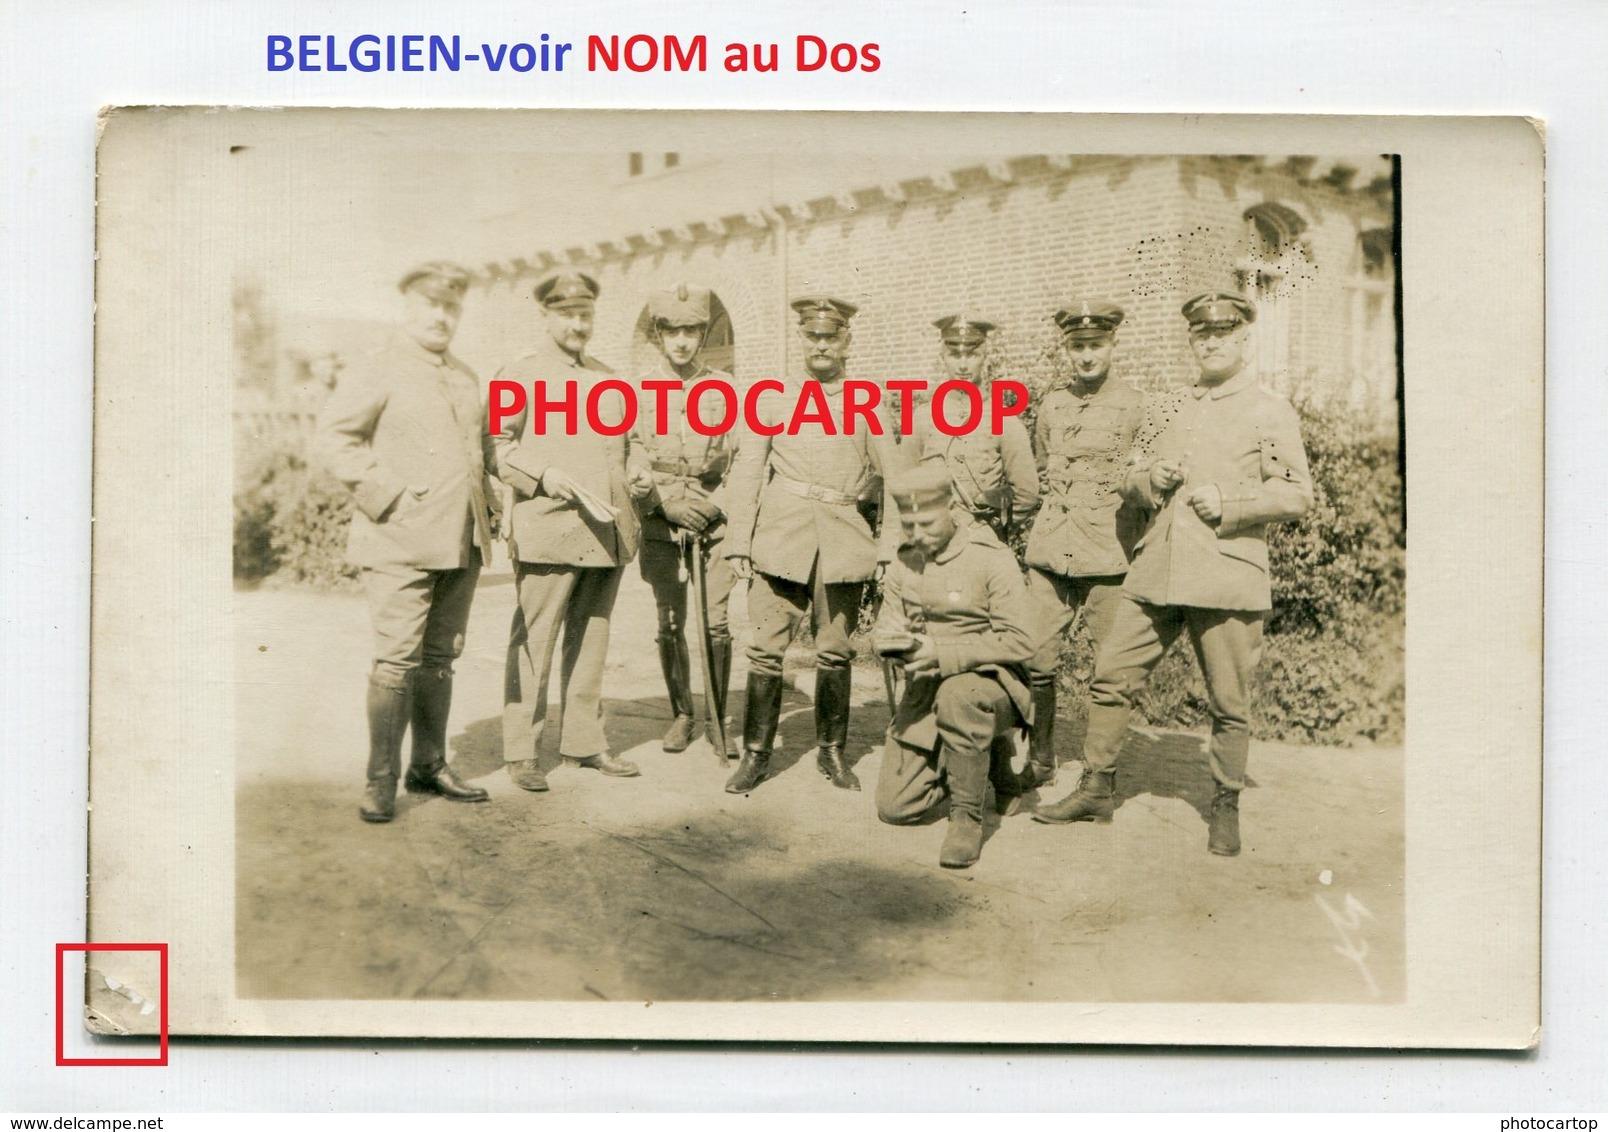 NON SITUEE-NOM Au DOS-Devant ECOLE-CARTE PHOTO Allemande-Guerre 14-18-1WK-Militaria-BELGIEN- - Belgique